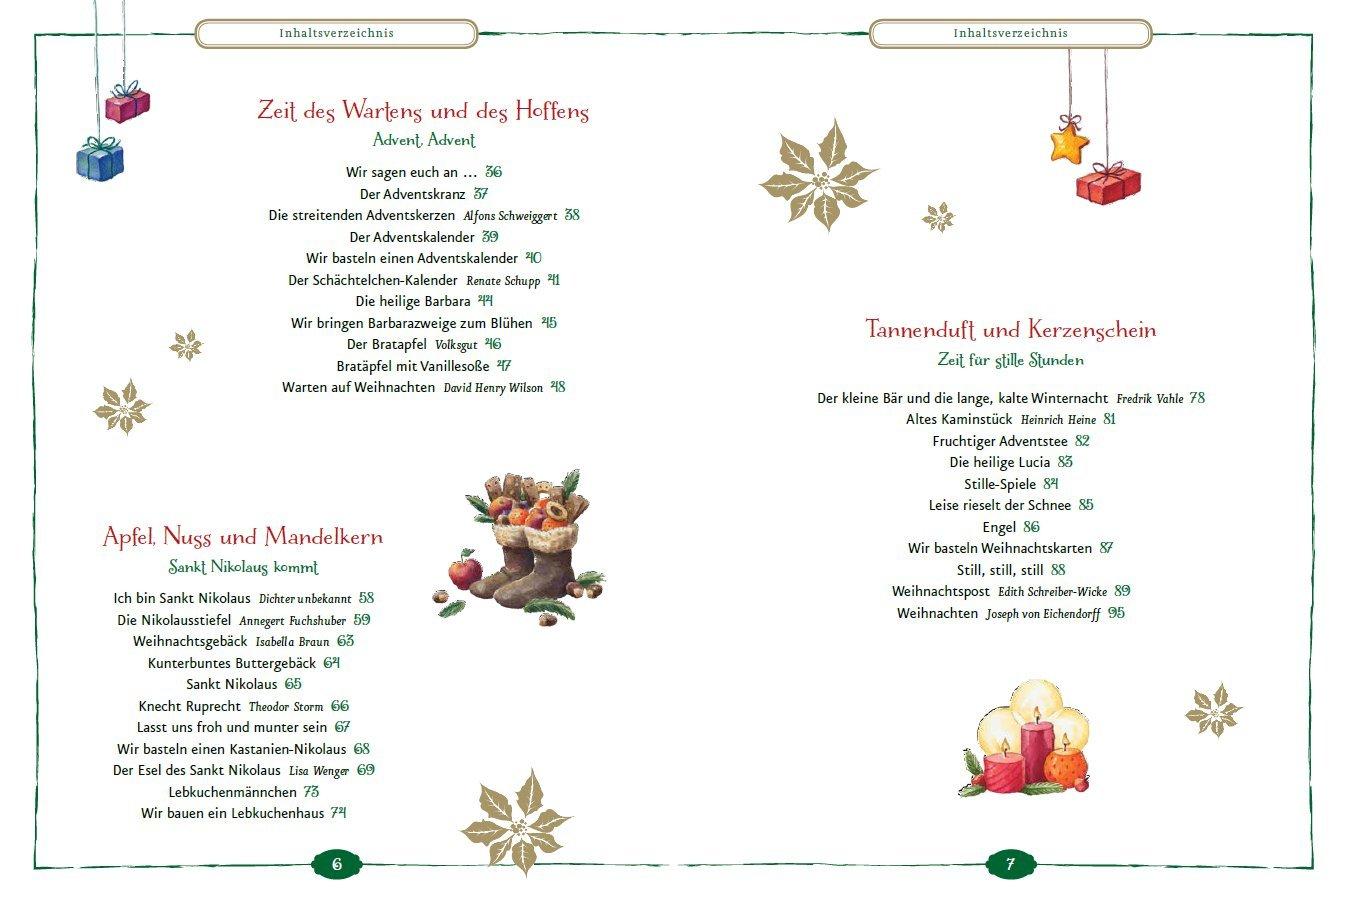 Weihnachtsgedichte Zum Auswendig Lernen.Weihnachtsgedicht Der Bratapfel